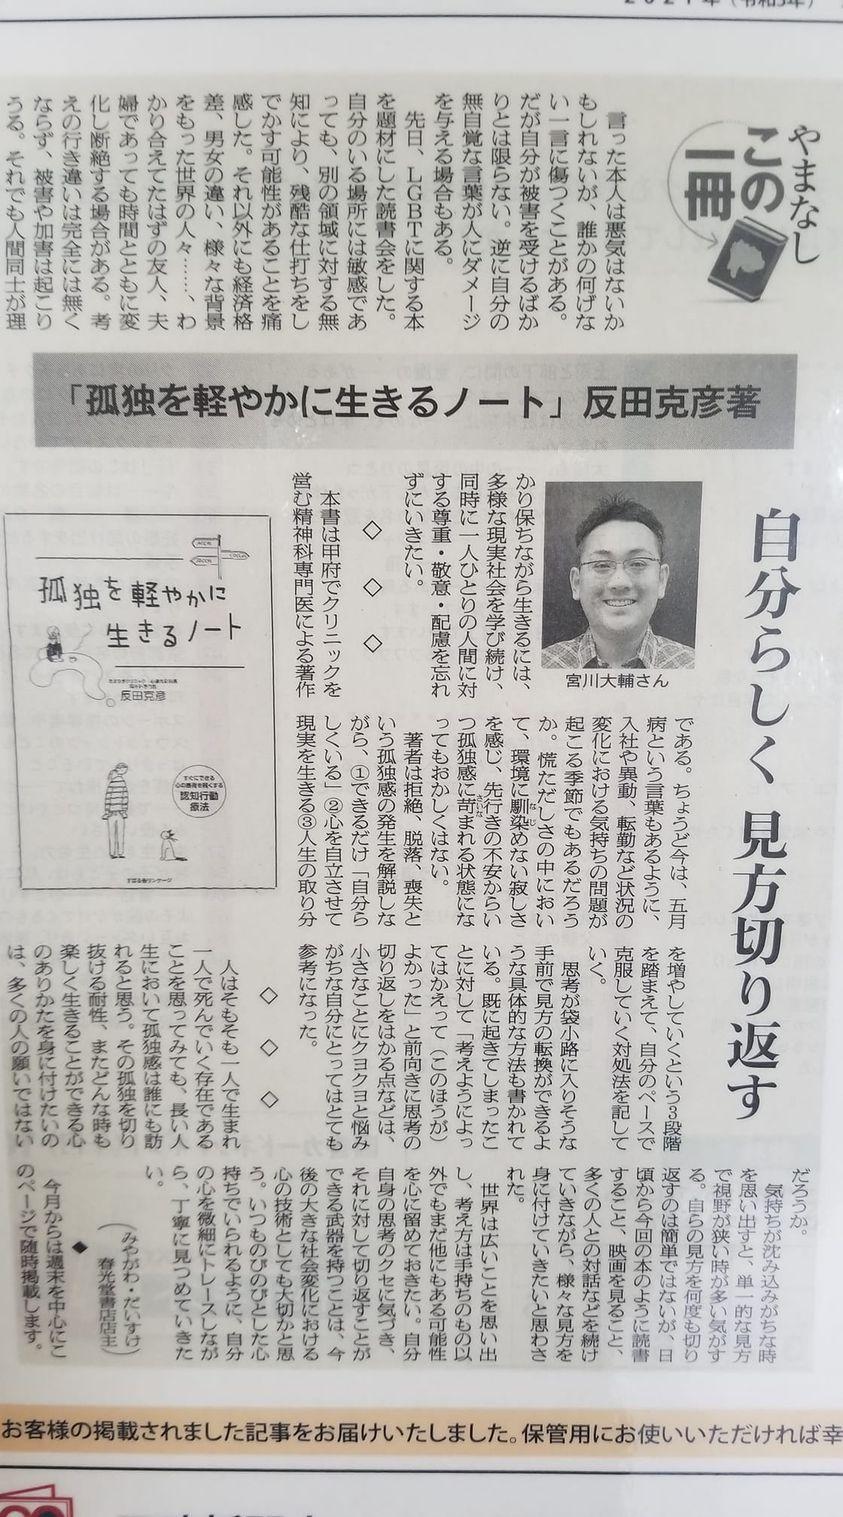 「孤独を軽やかに生きるノート」が、   朝日新聞(2021年5月8日)で取り上げられました。 サムネイル画像